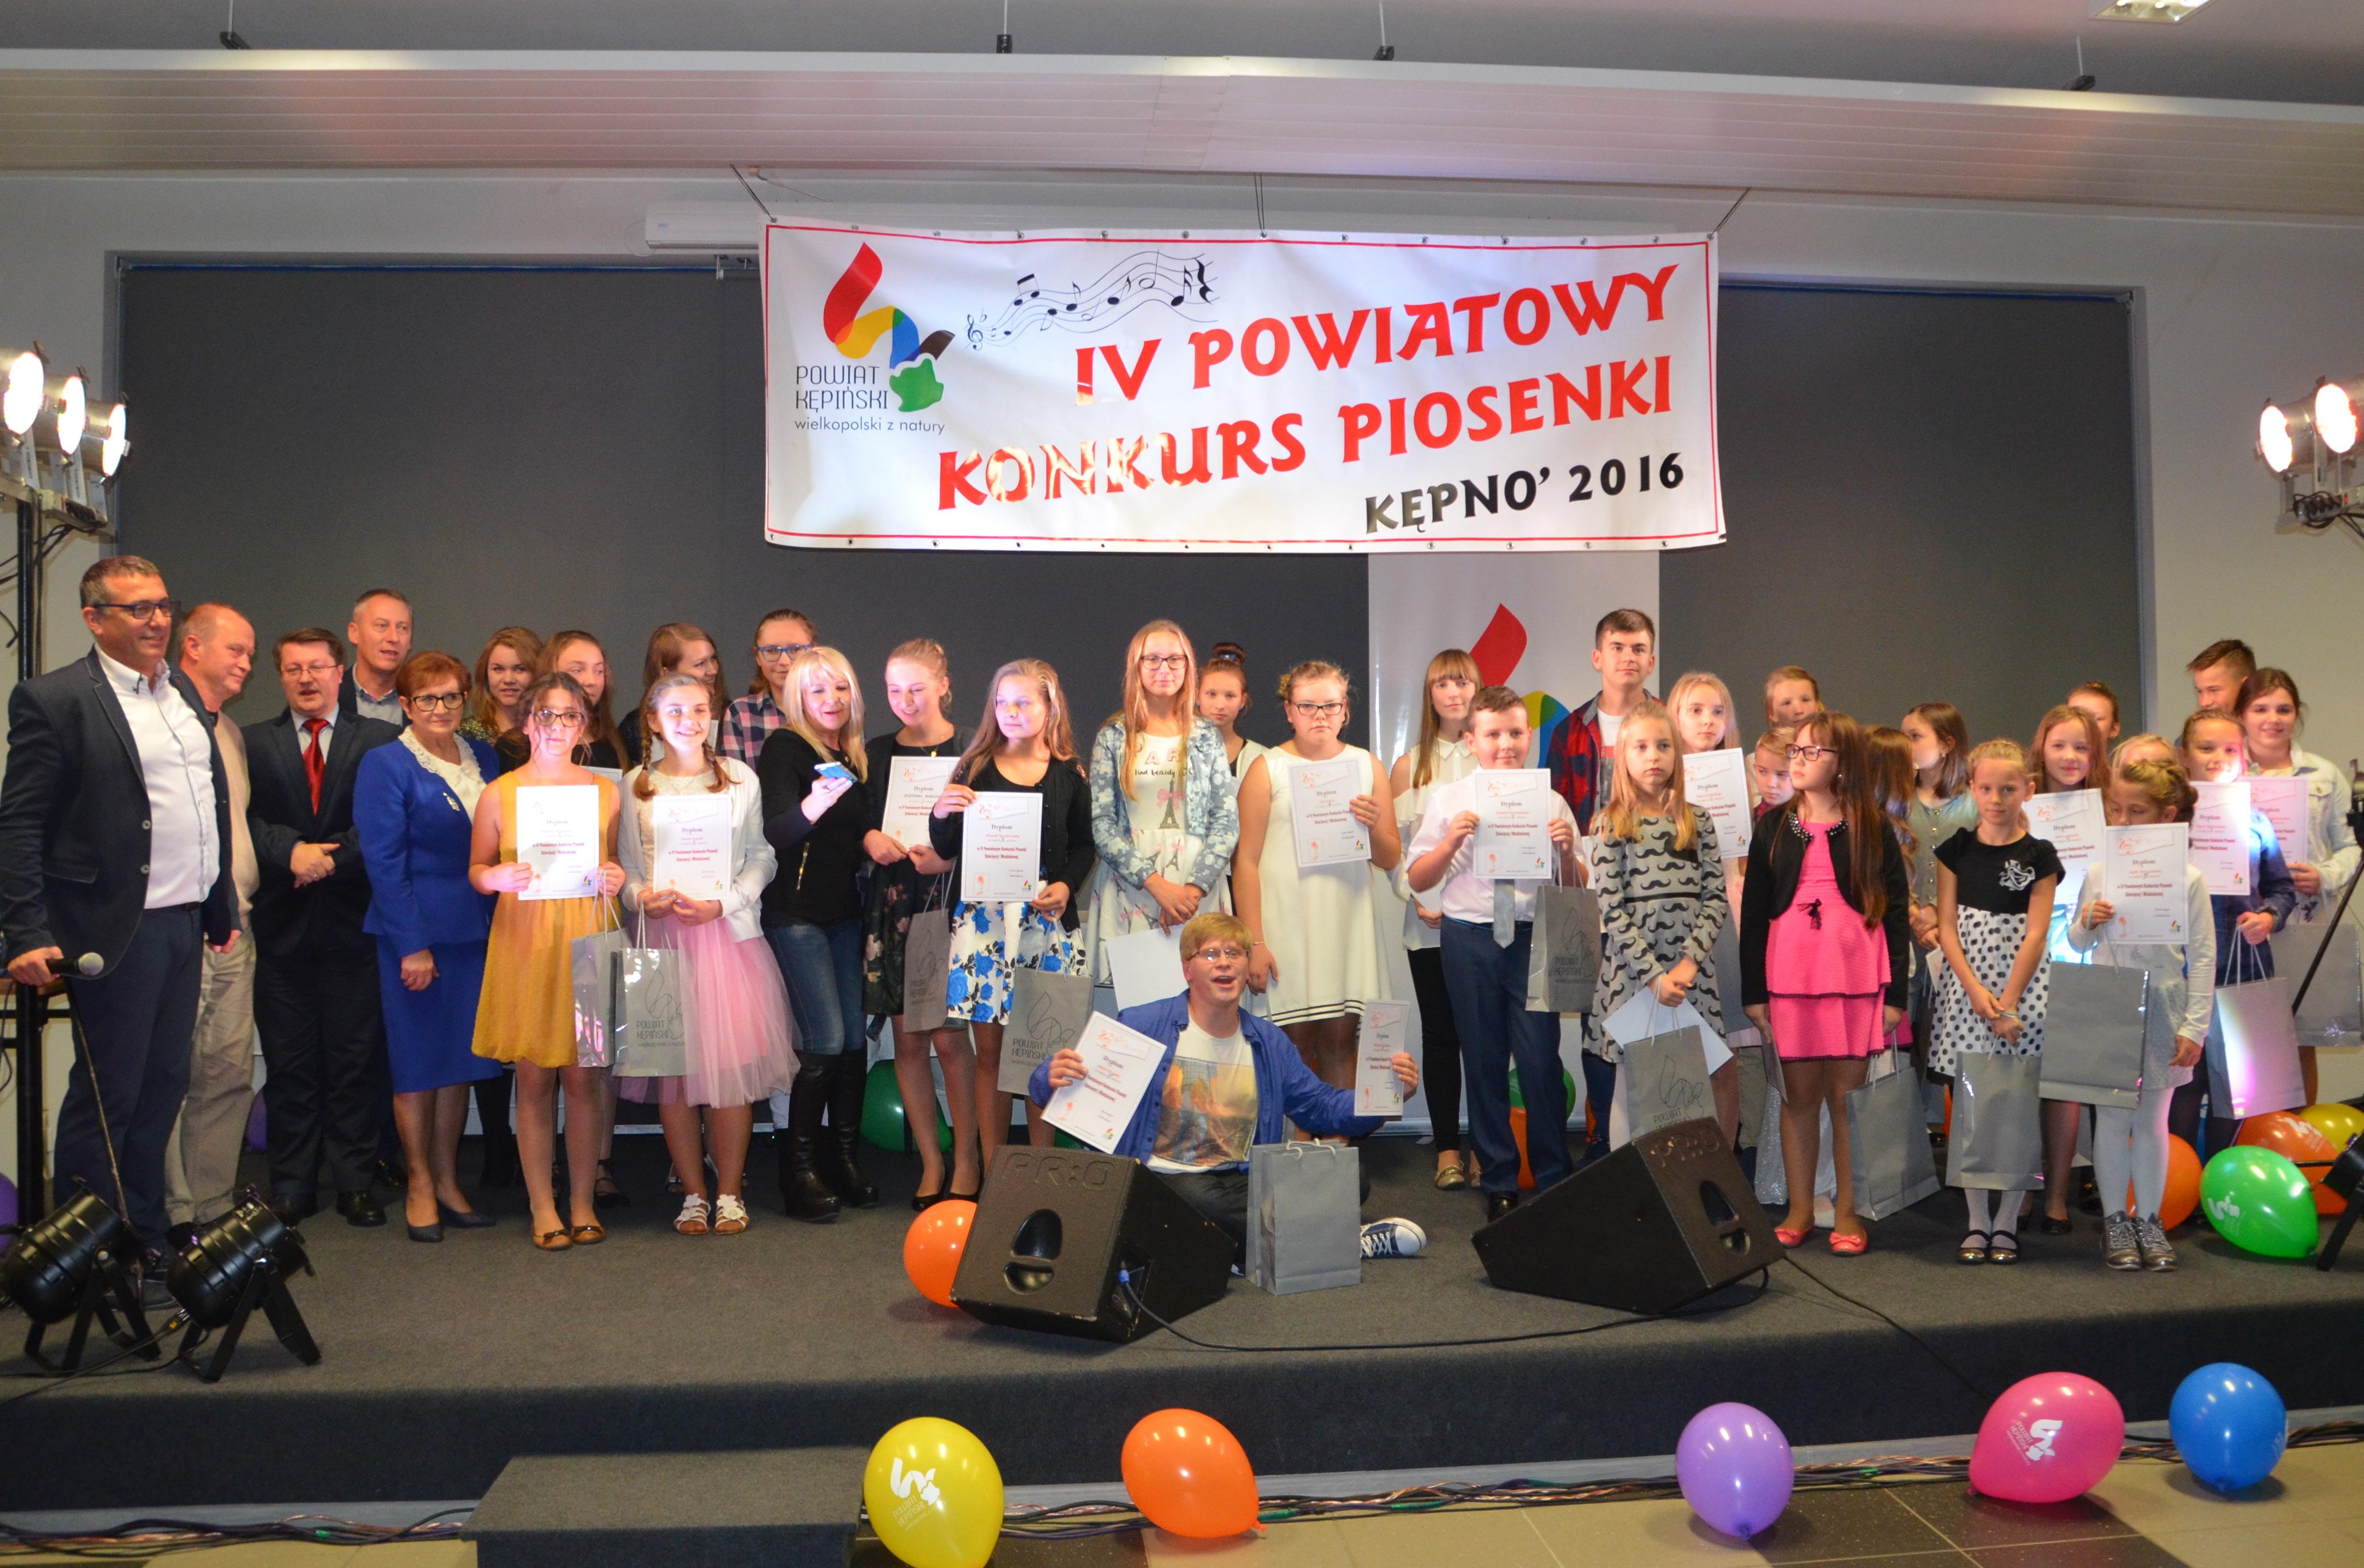 Finał IV Powiatowego Konkursu Piosenki